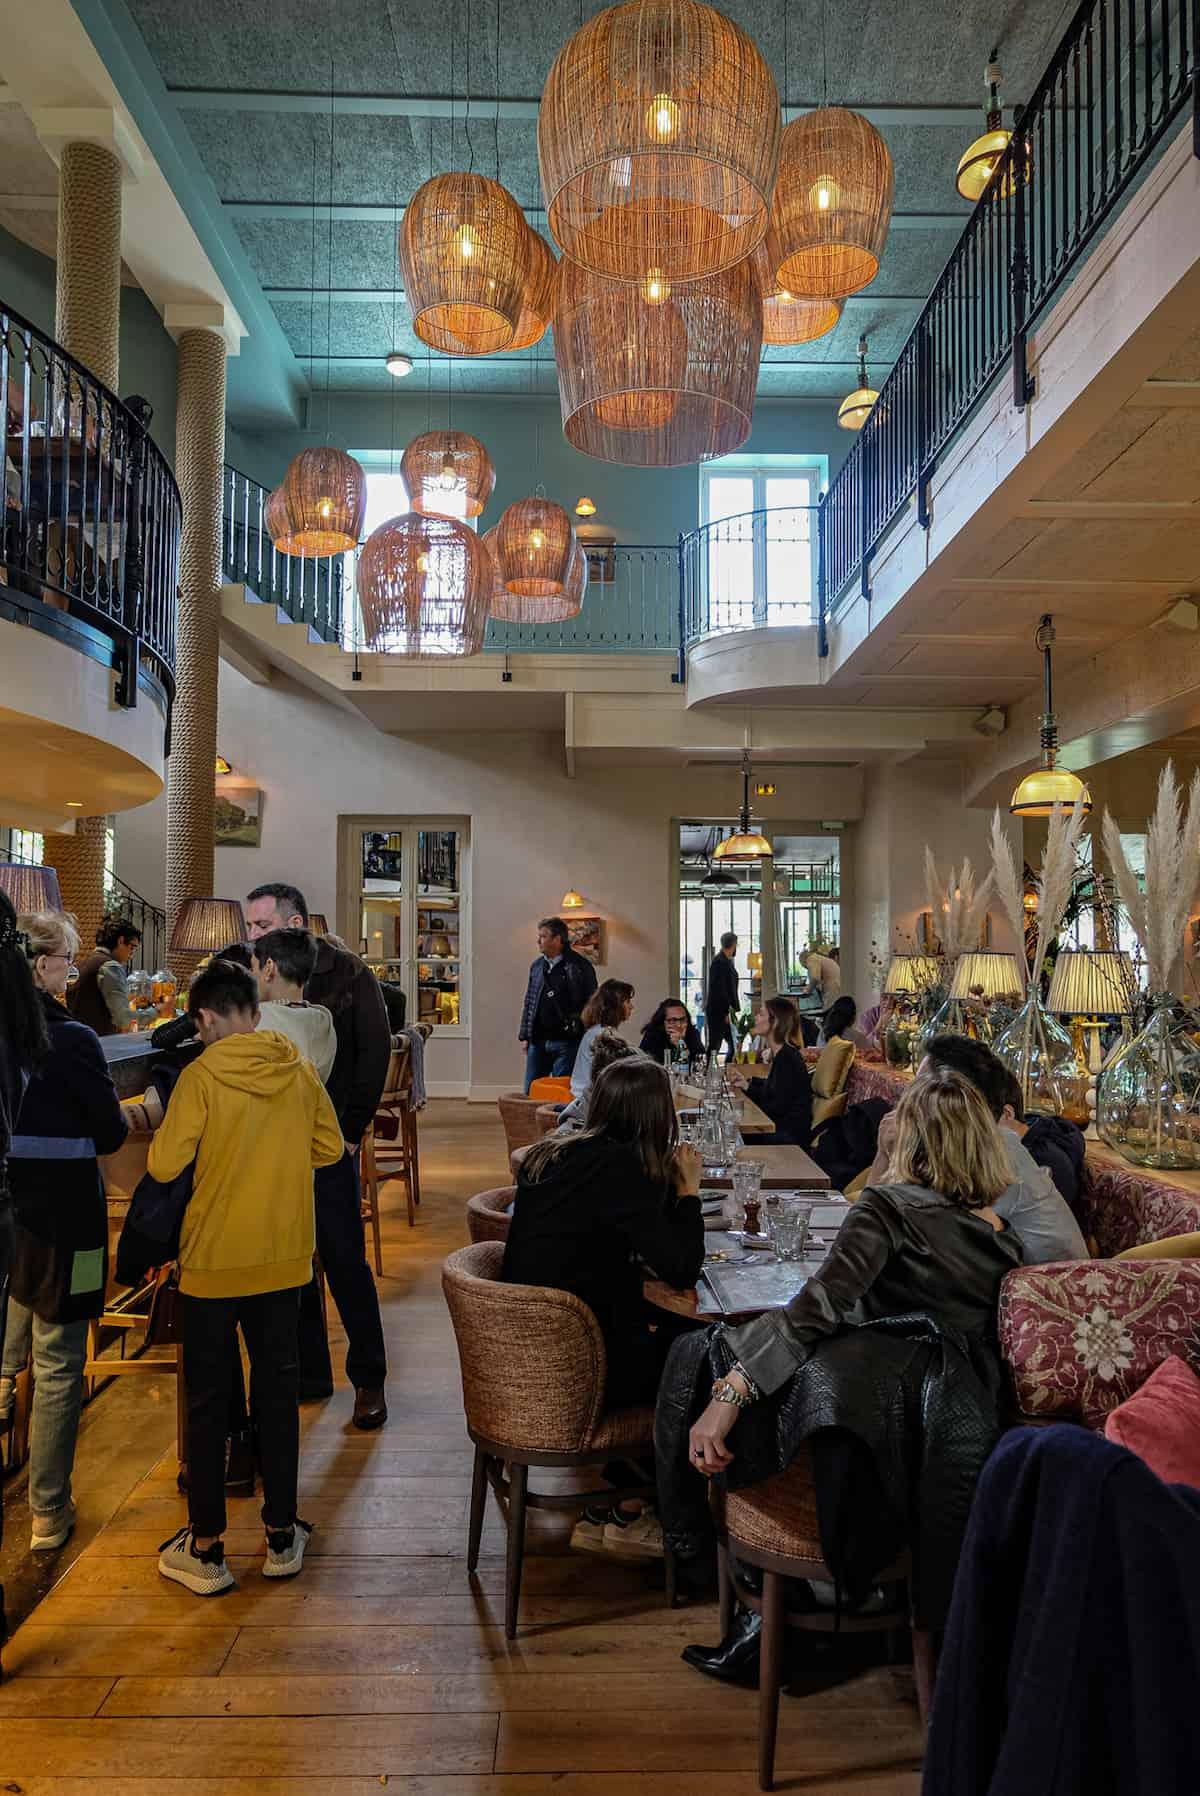 restaurant-l-ile-l-ile-saint-germain-issy-les-moulineaux-terrasse-6